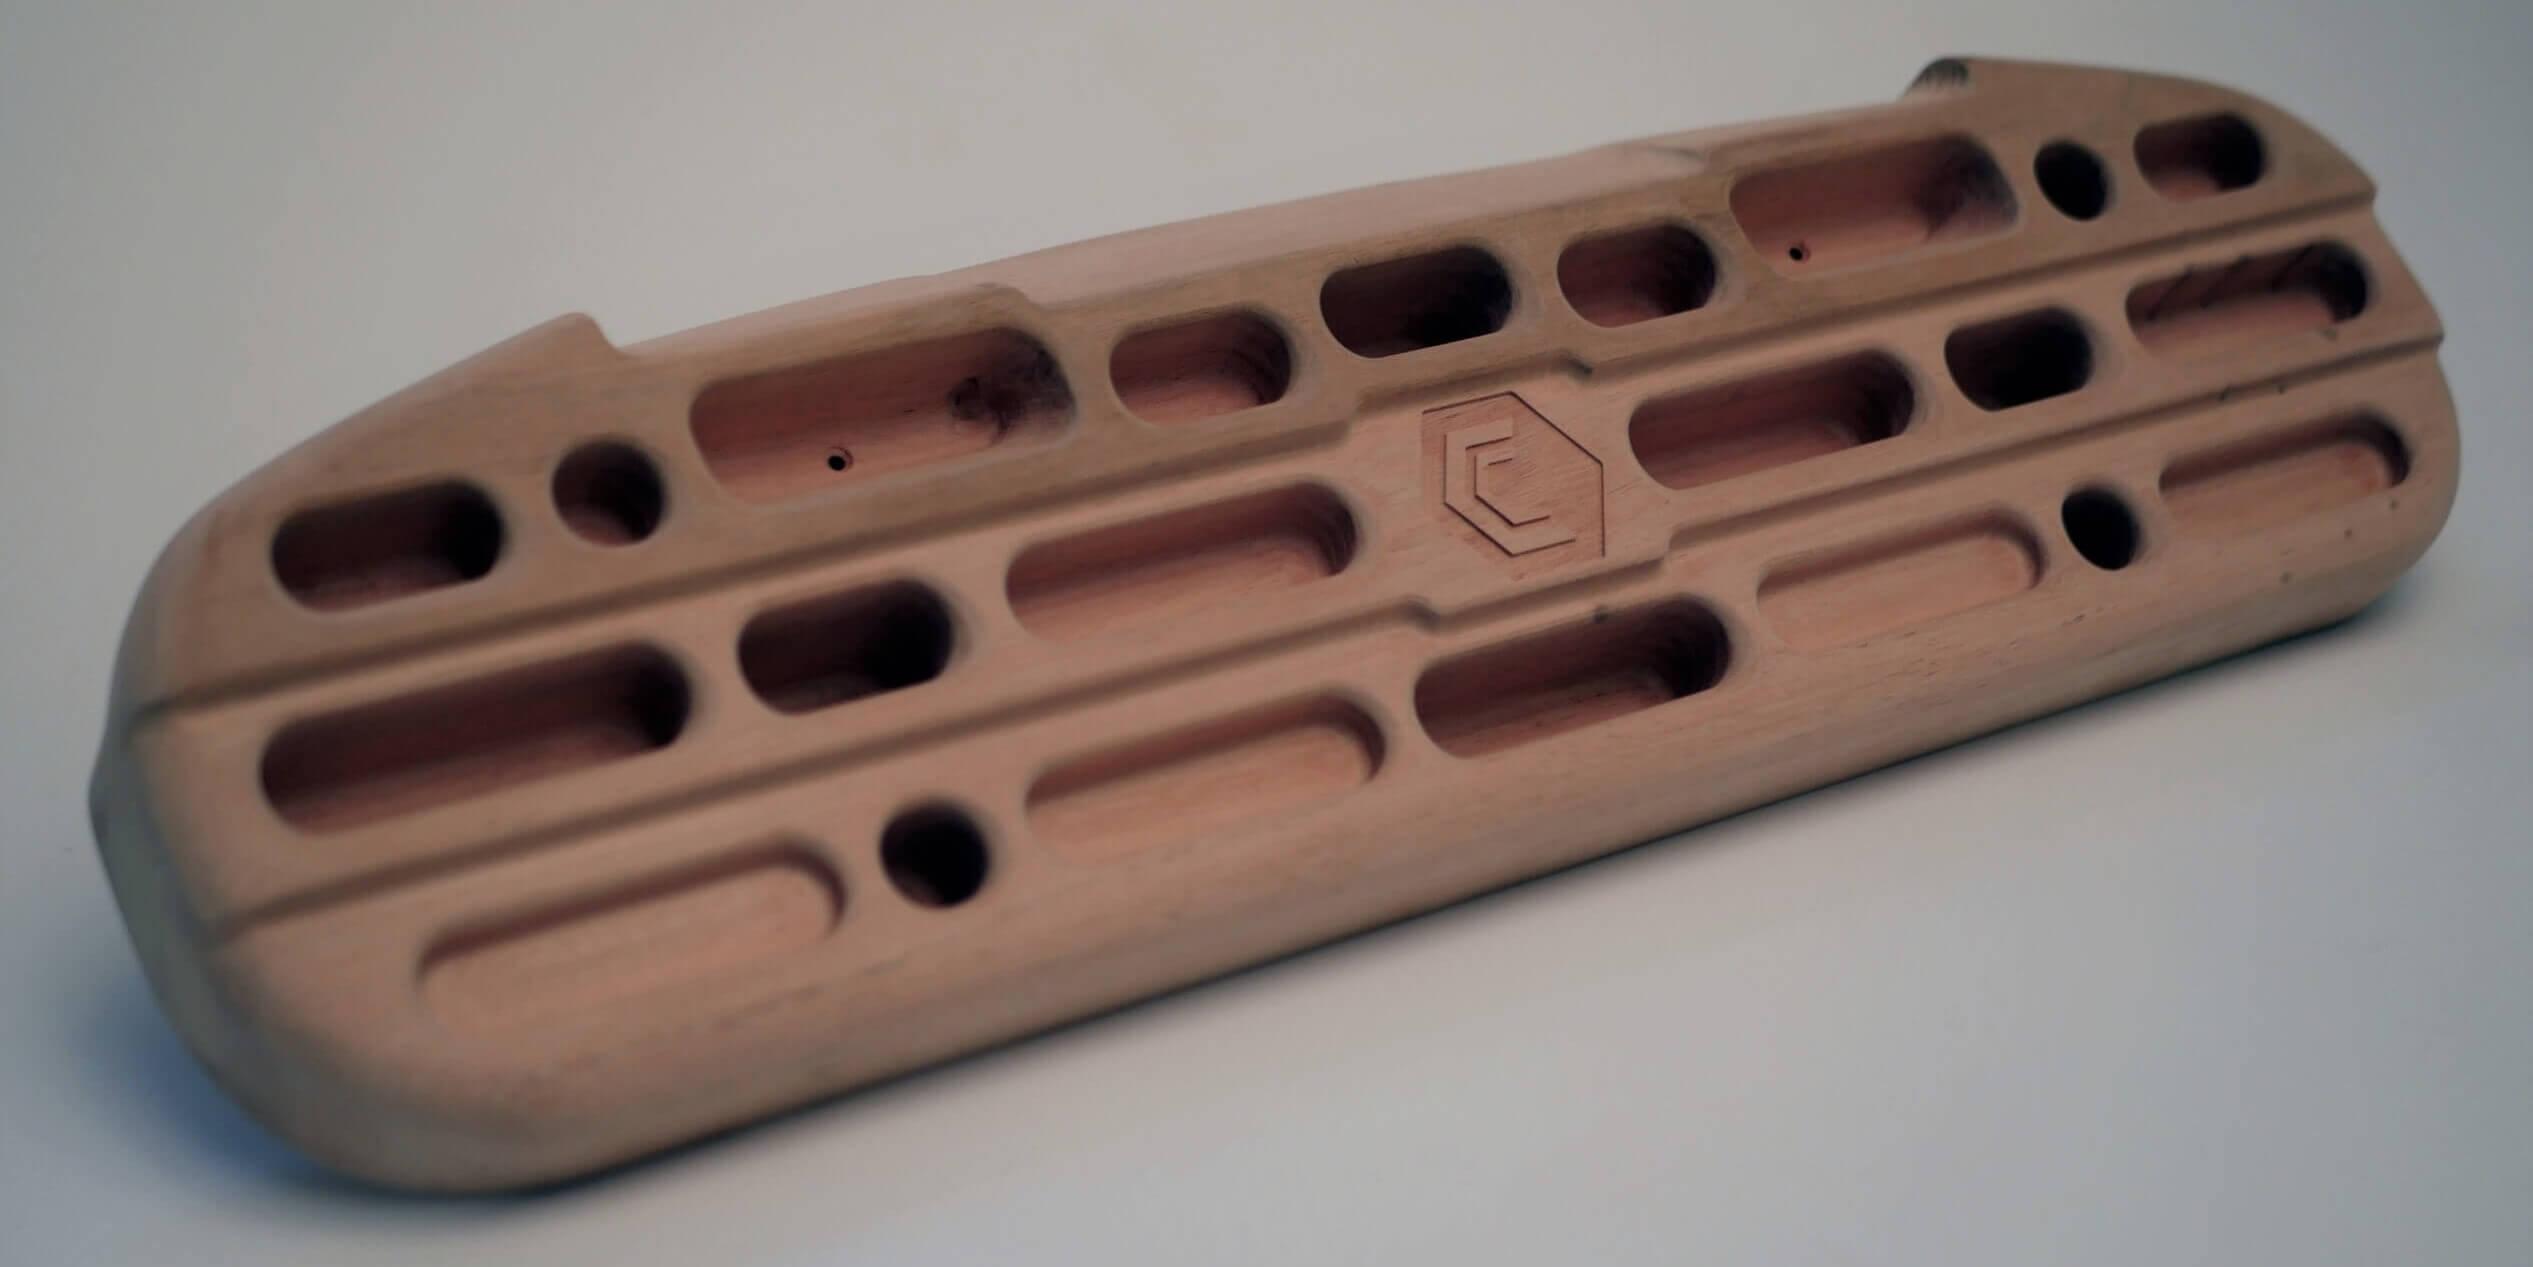 Fingerboard, Gripboard (Griffbrett) oder Hangboard genannt